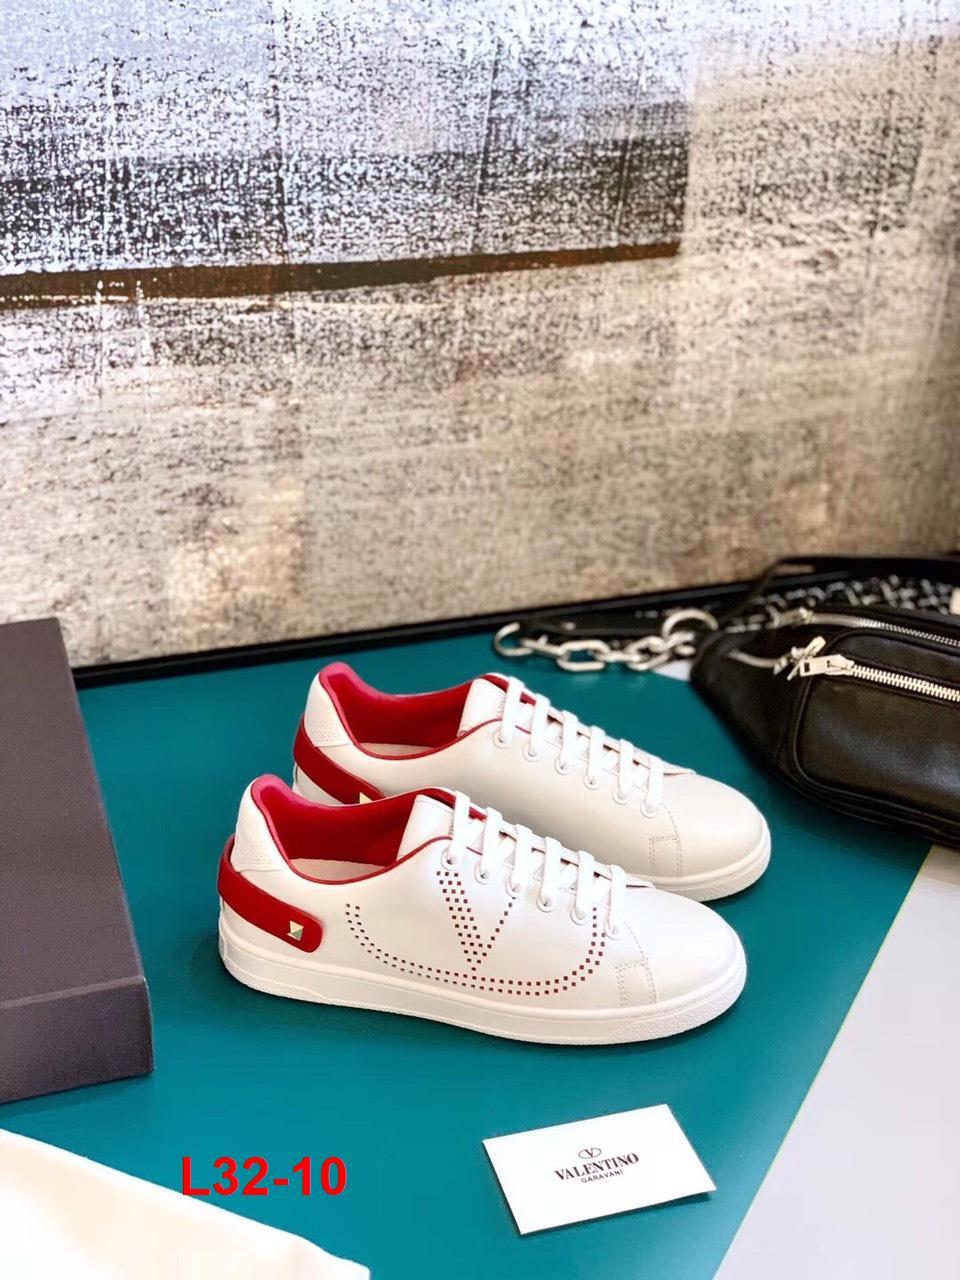 L32-10 Valentino giày thể thao siêu cấp